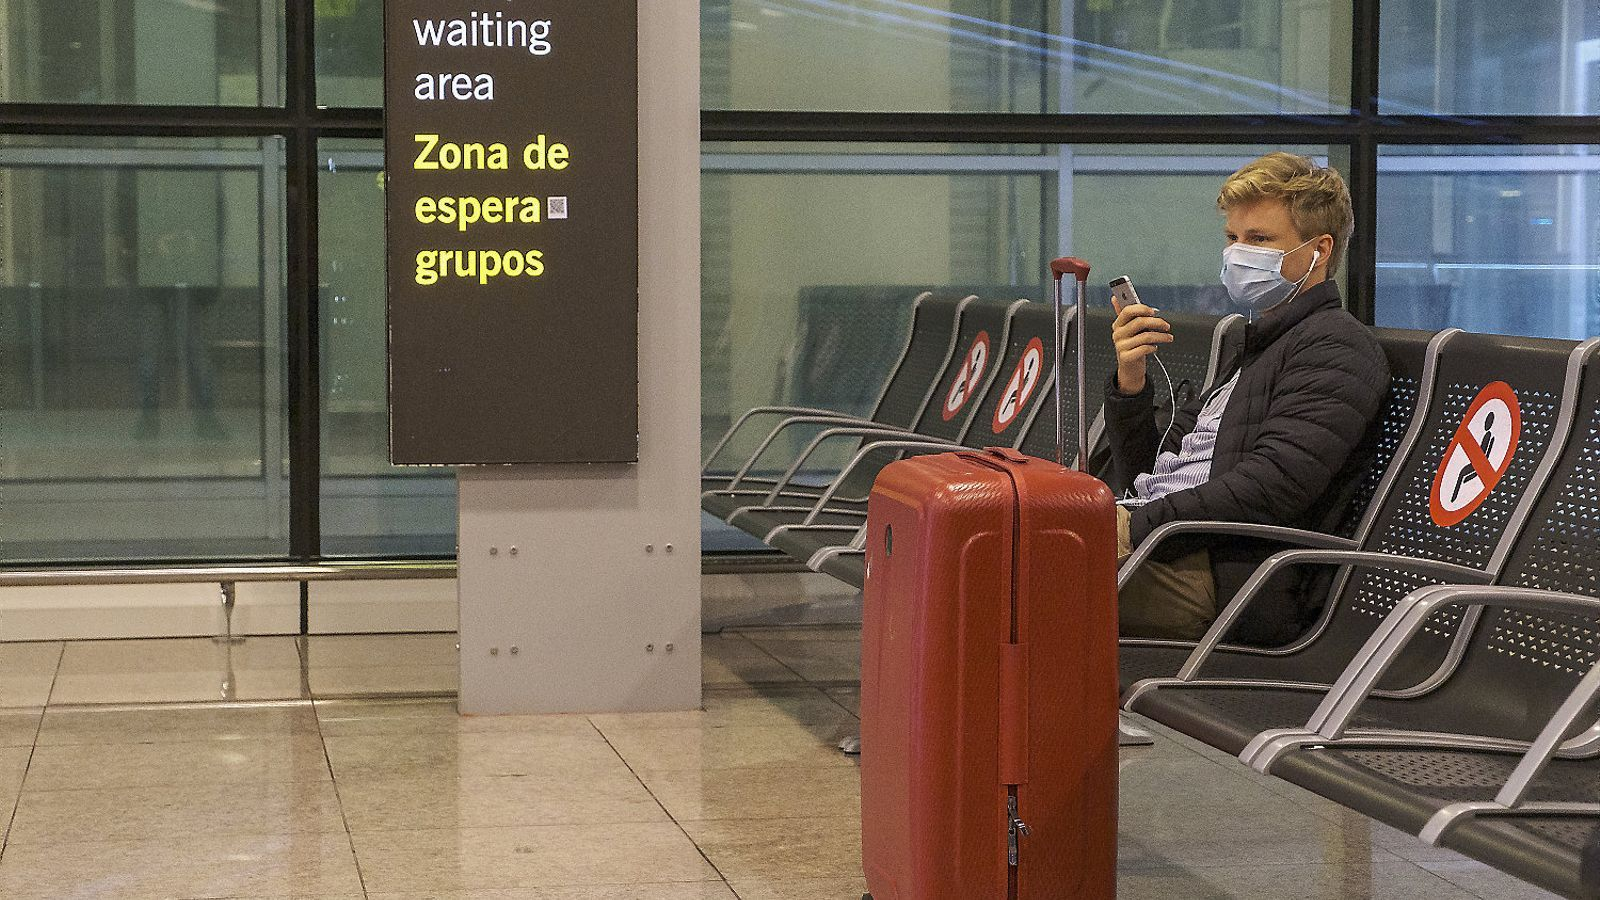 Un viatger esperant assegut a la T1 de l'aeroport del Prat, la primera setmana de les vacances de Nadal.   En els seus càlculs, l'INE considera que la compra d'un habitatge no forma part del consum d'una família. En canvi, sí que inclou en la fórmula de l'IPC els preus del lloguer.